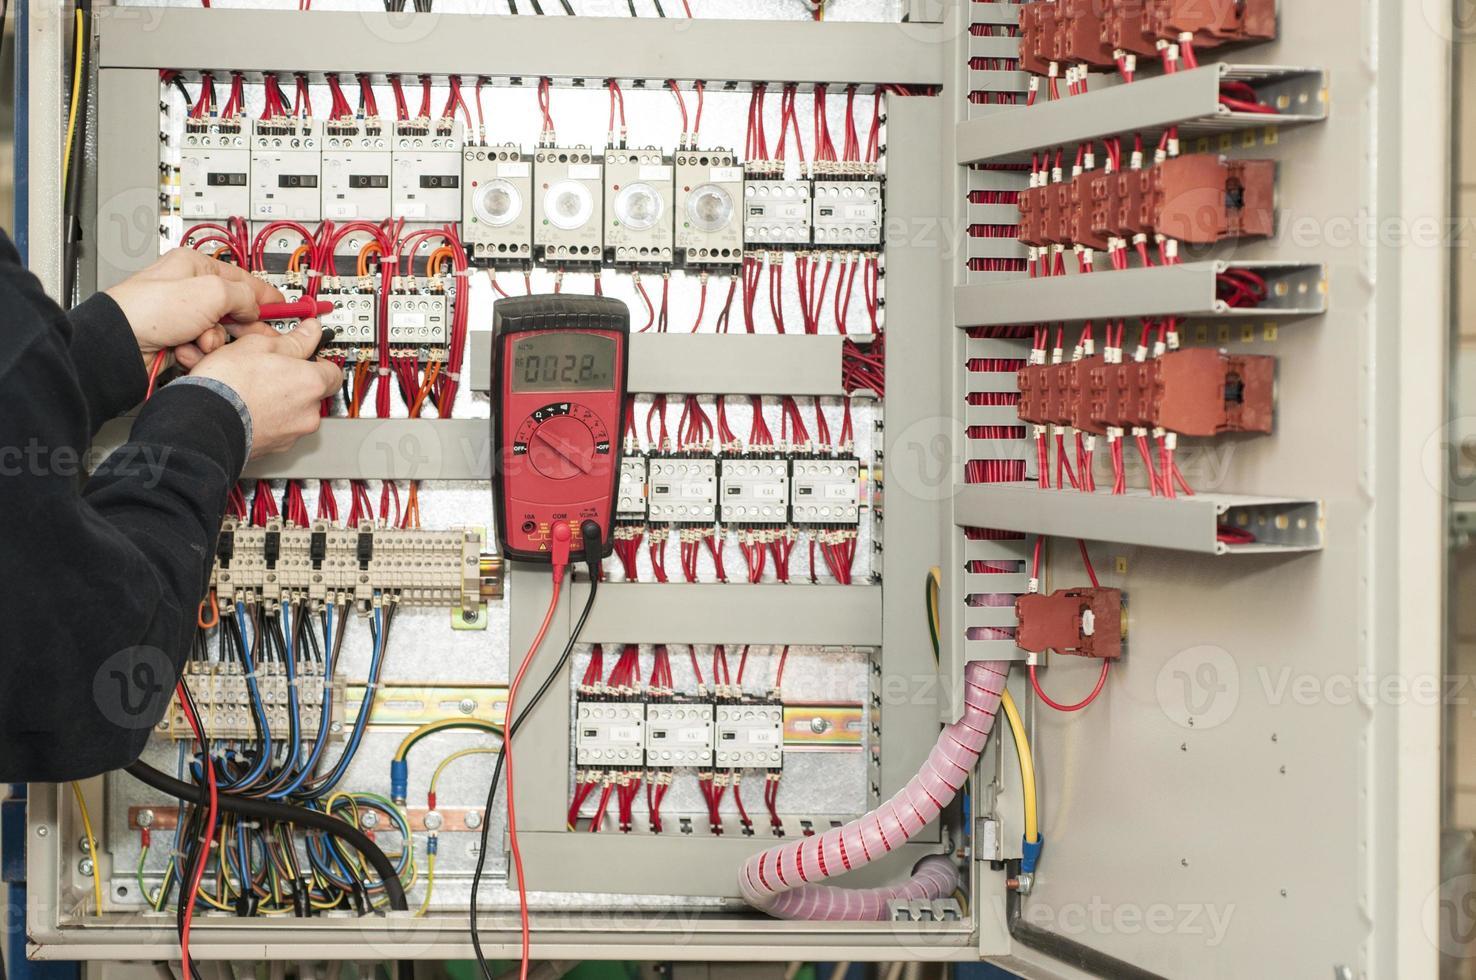 électricien au travail photo